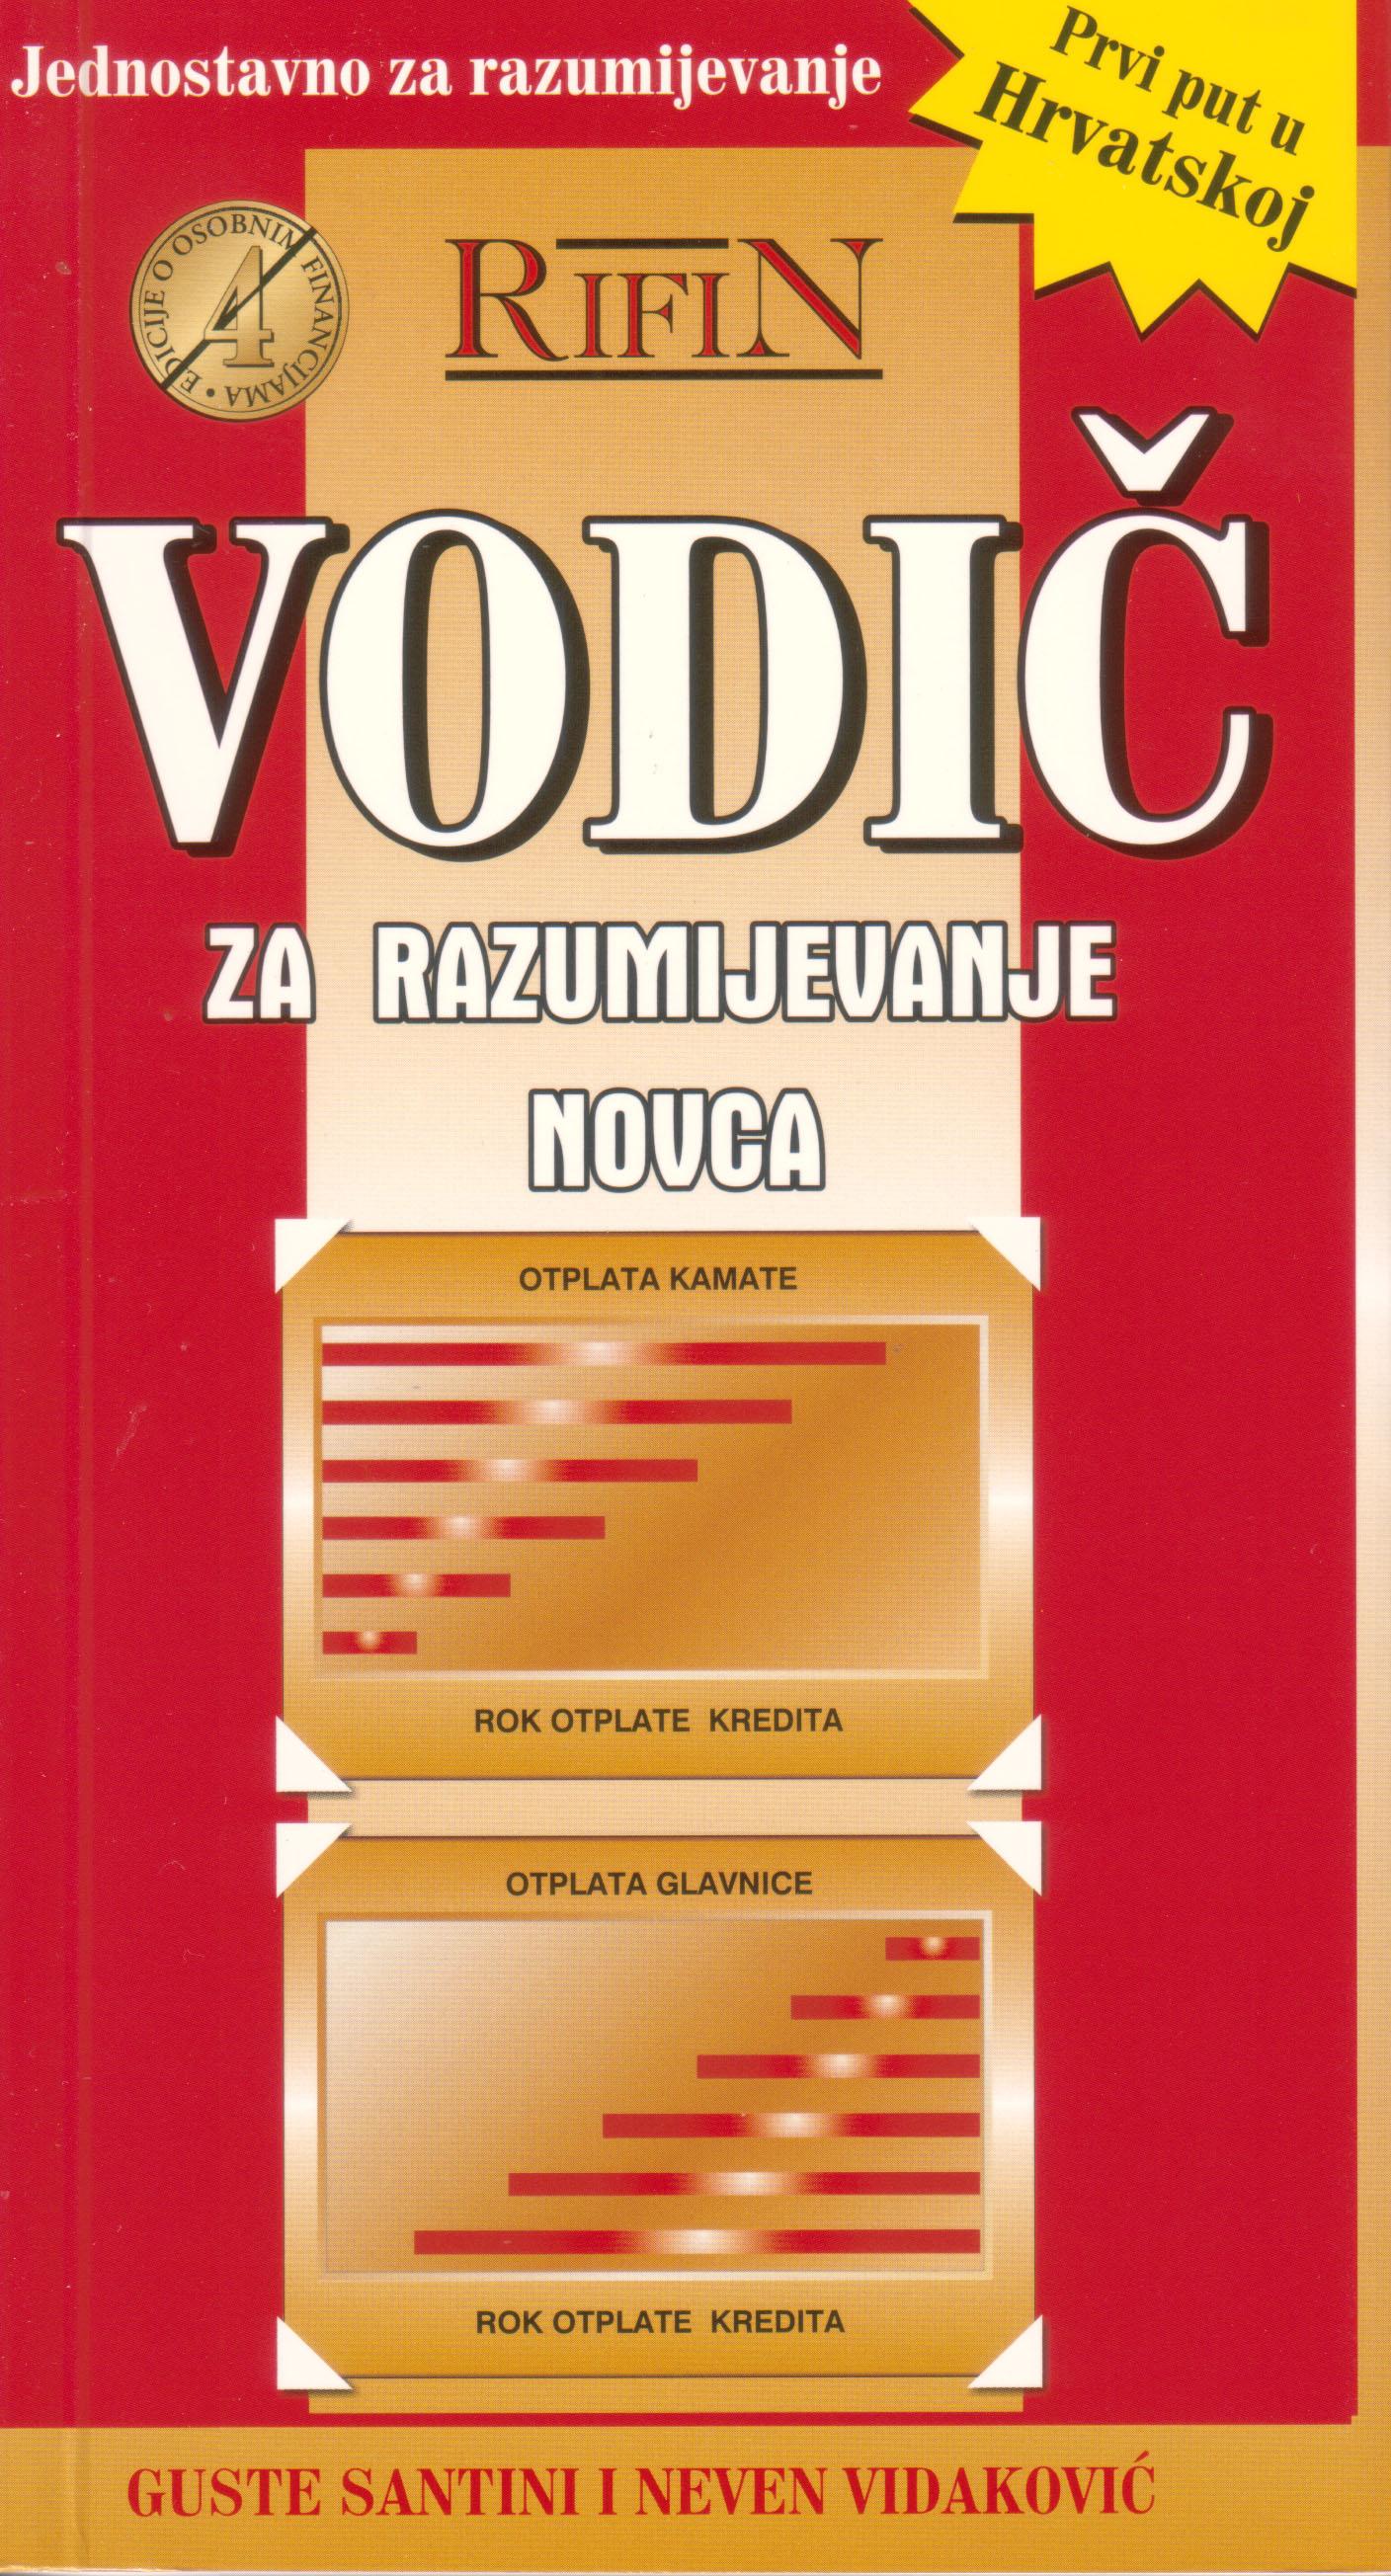 VODIČ ZA RAZUMIJEVANJE NOVCA - Naruči svoju knjigu